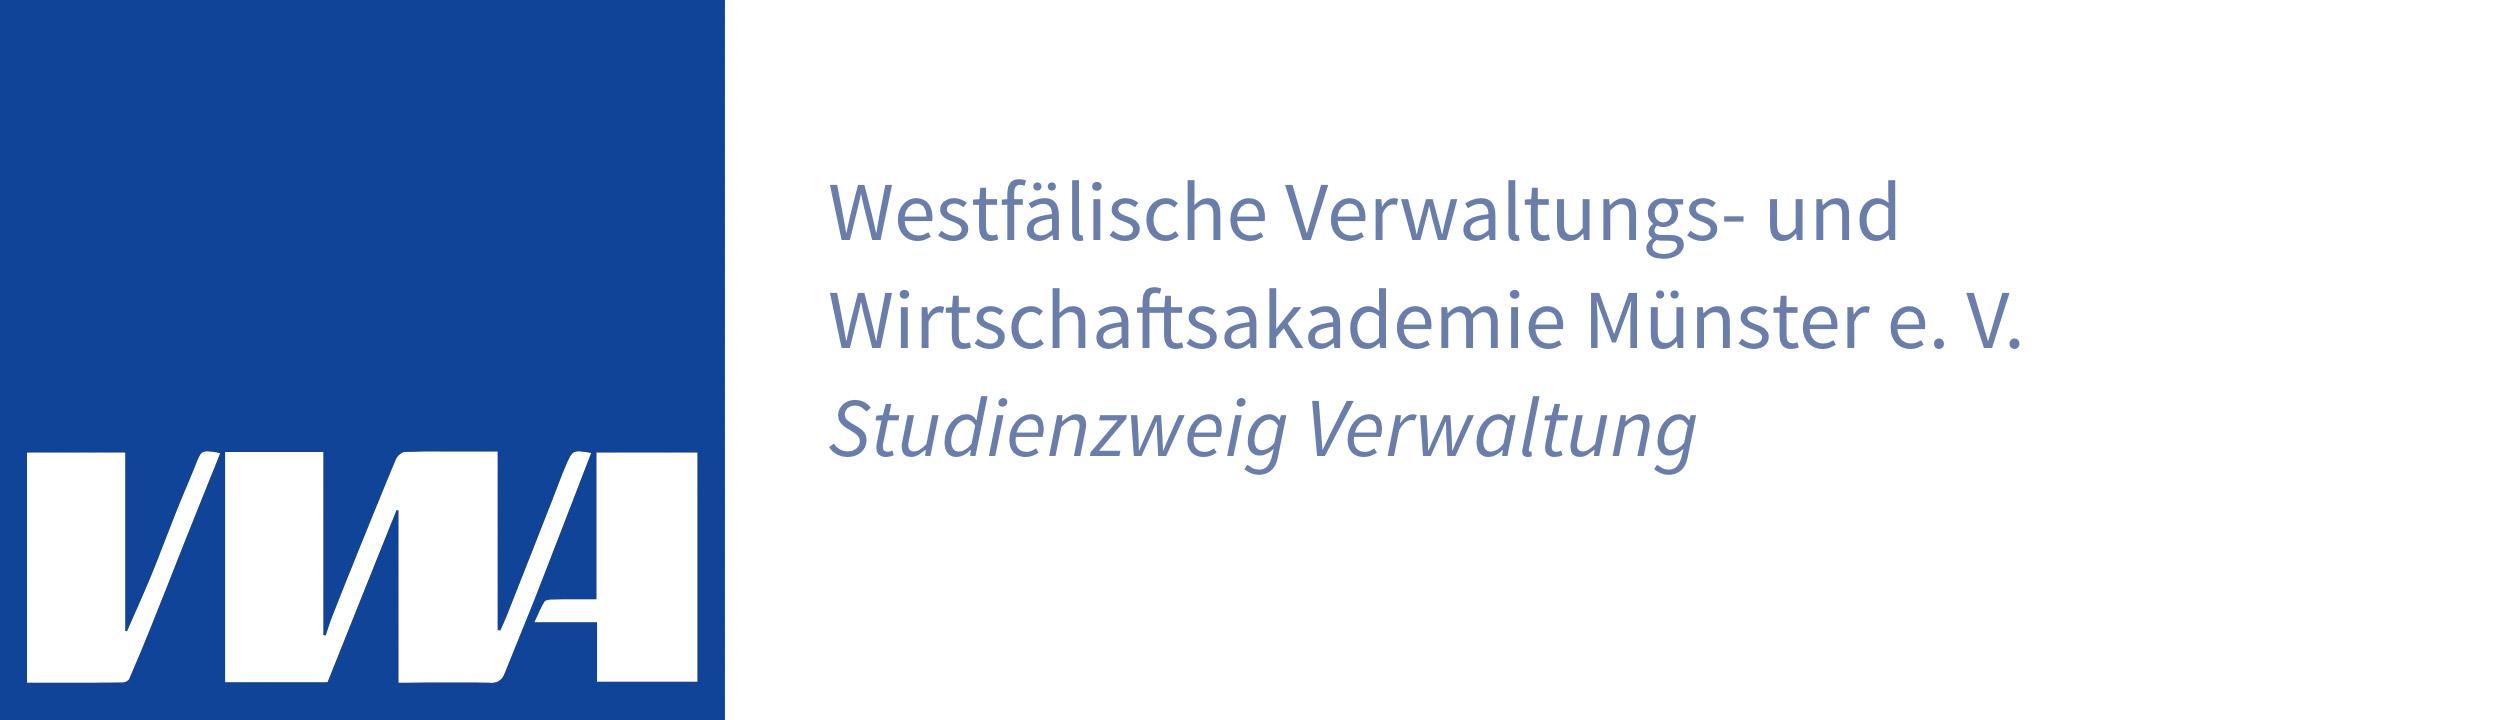 VWA Münster Logo Footer